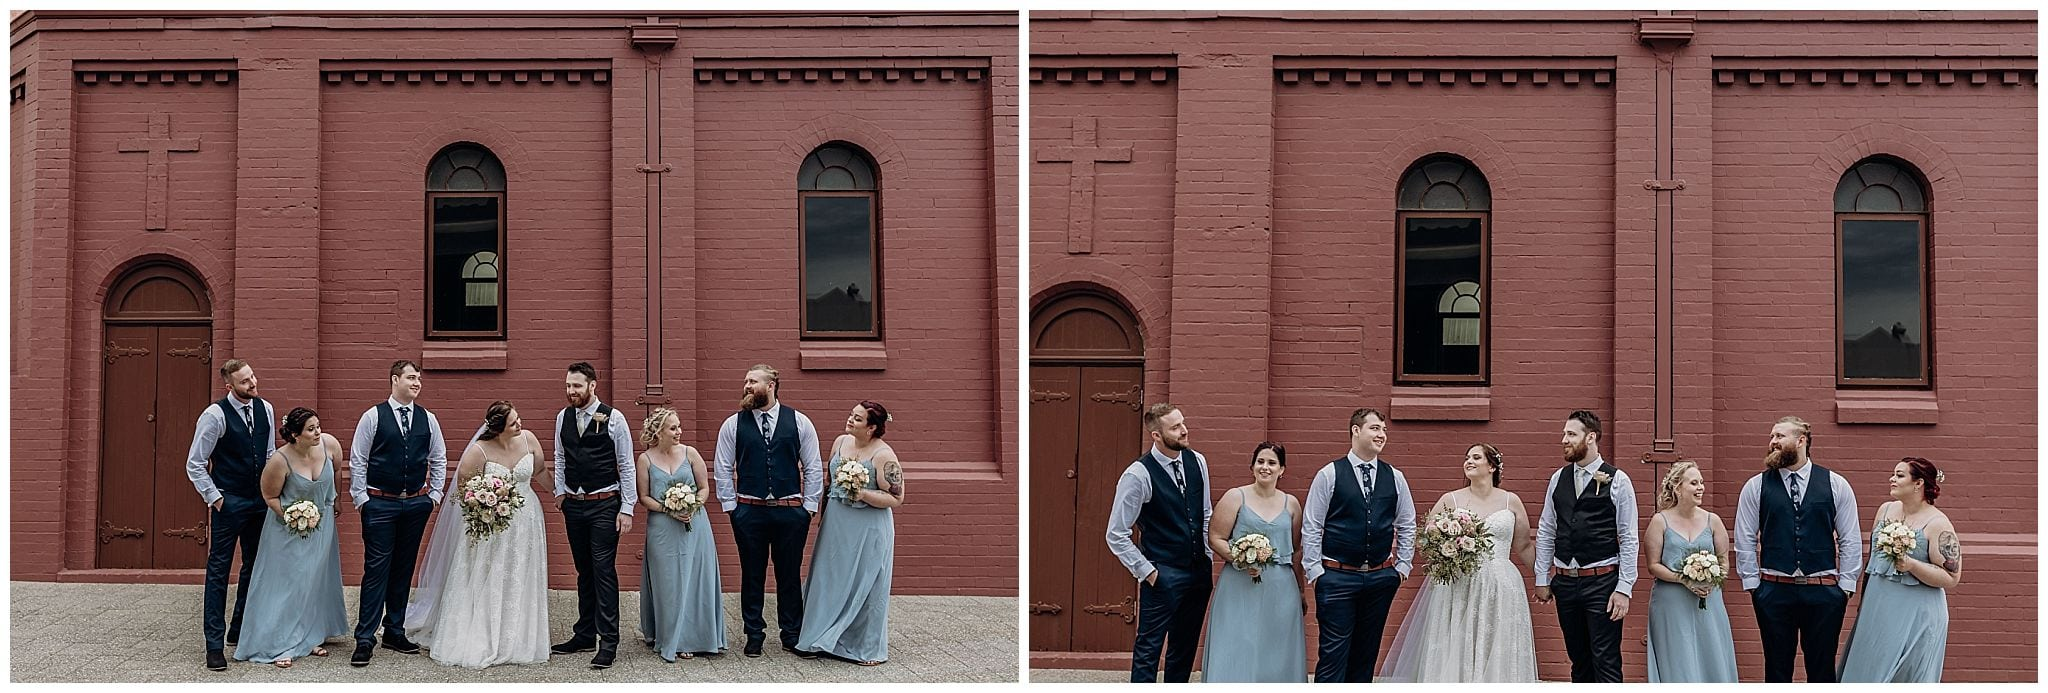 Wedding Photography Fremantle